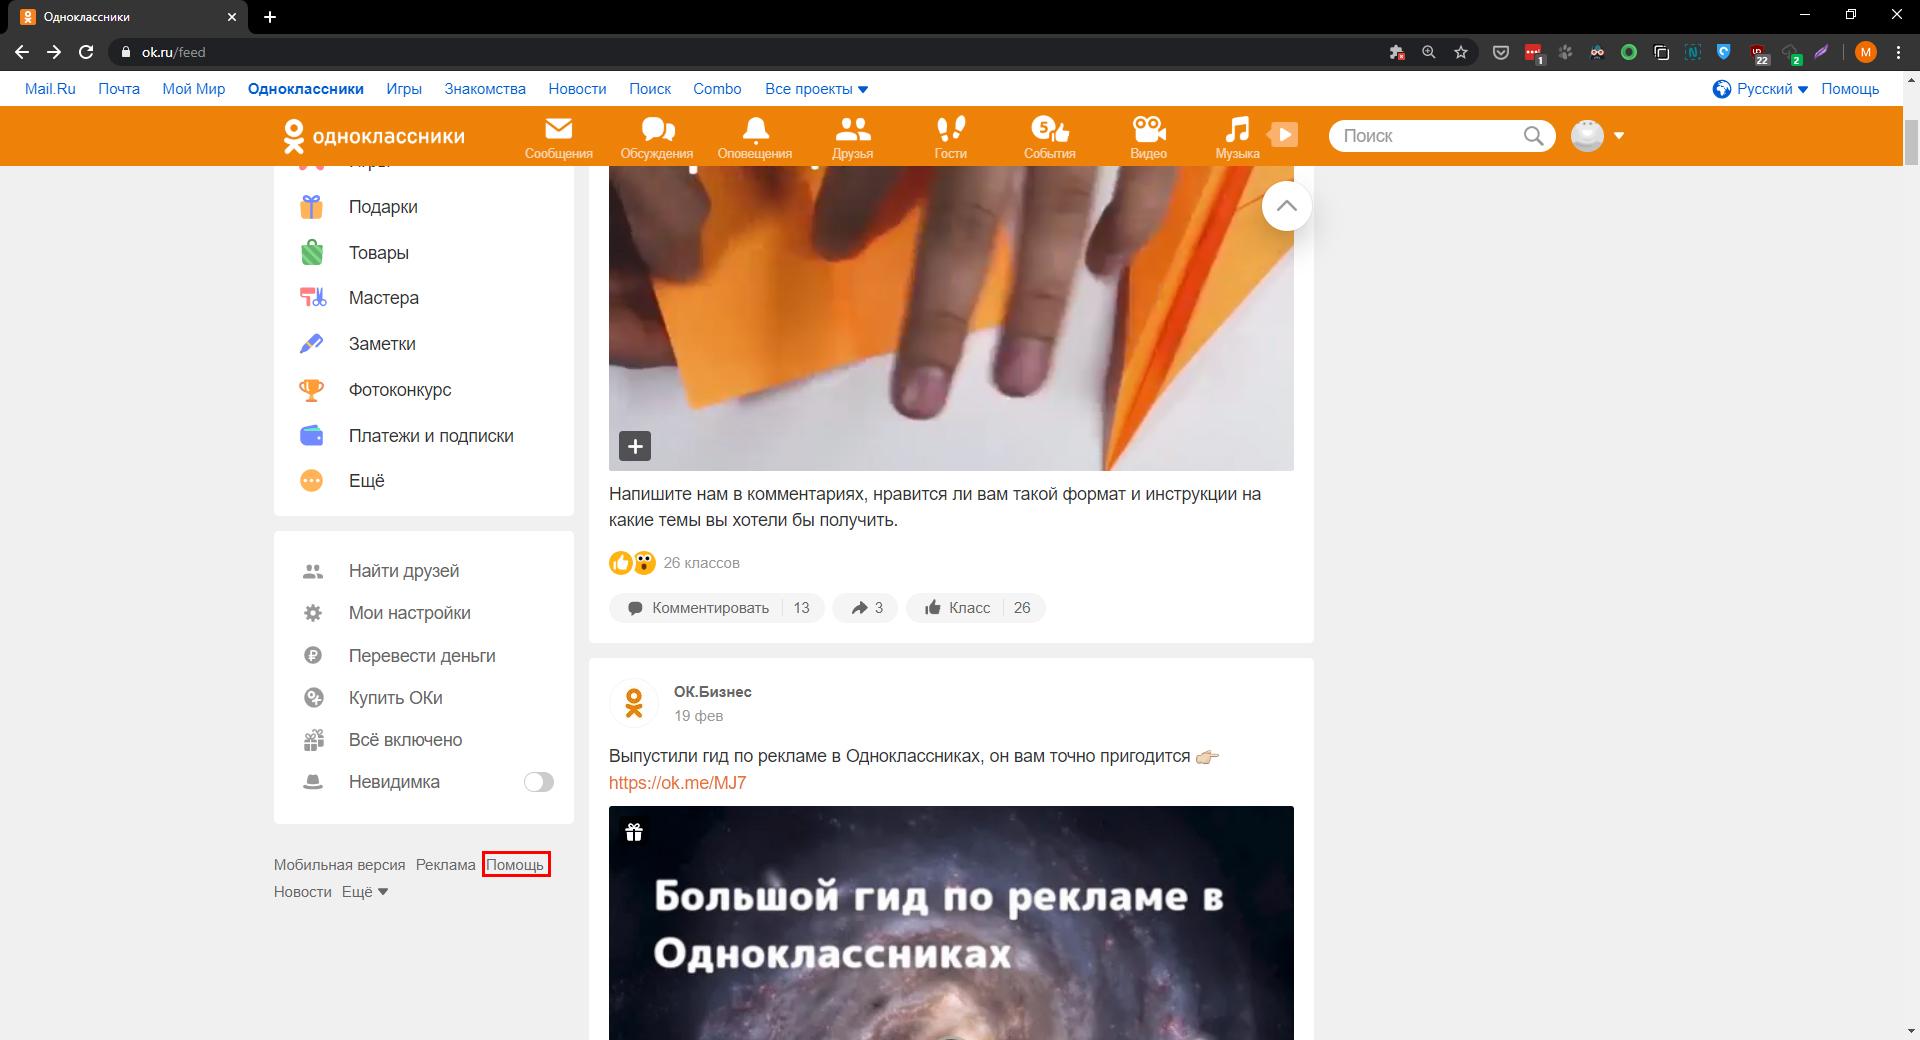 """Odnoklassniki में प्रोफ़ाइल को कैसे निकालें: """"सहायता"""" पर क्लिक करें"""